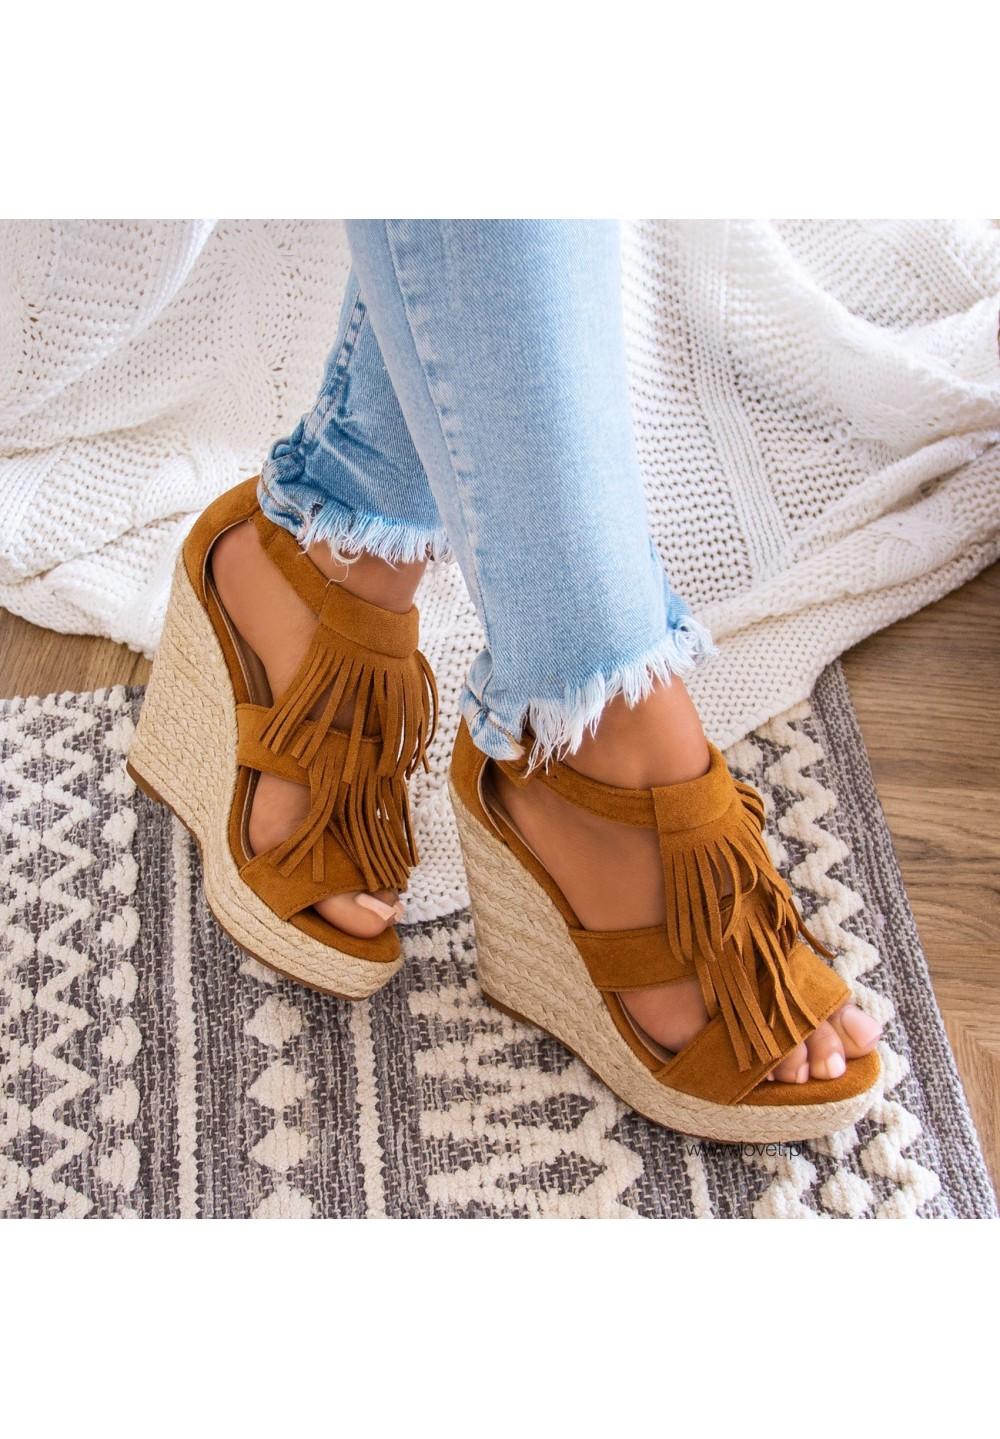 Sandały Espadryle Koturny Camel Ellie